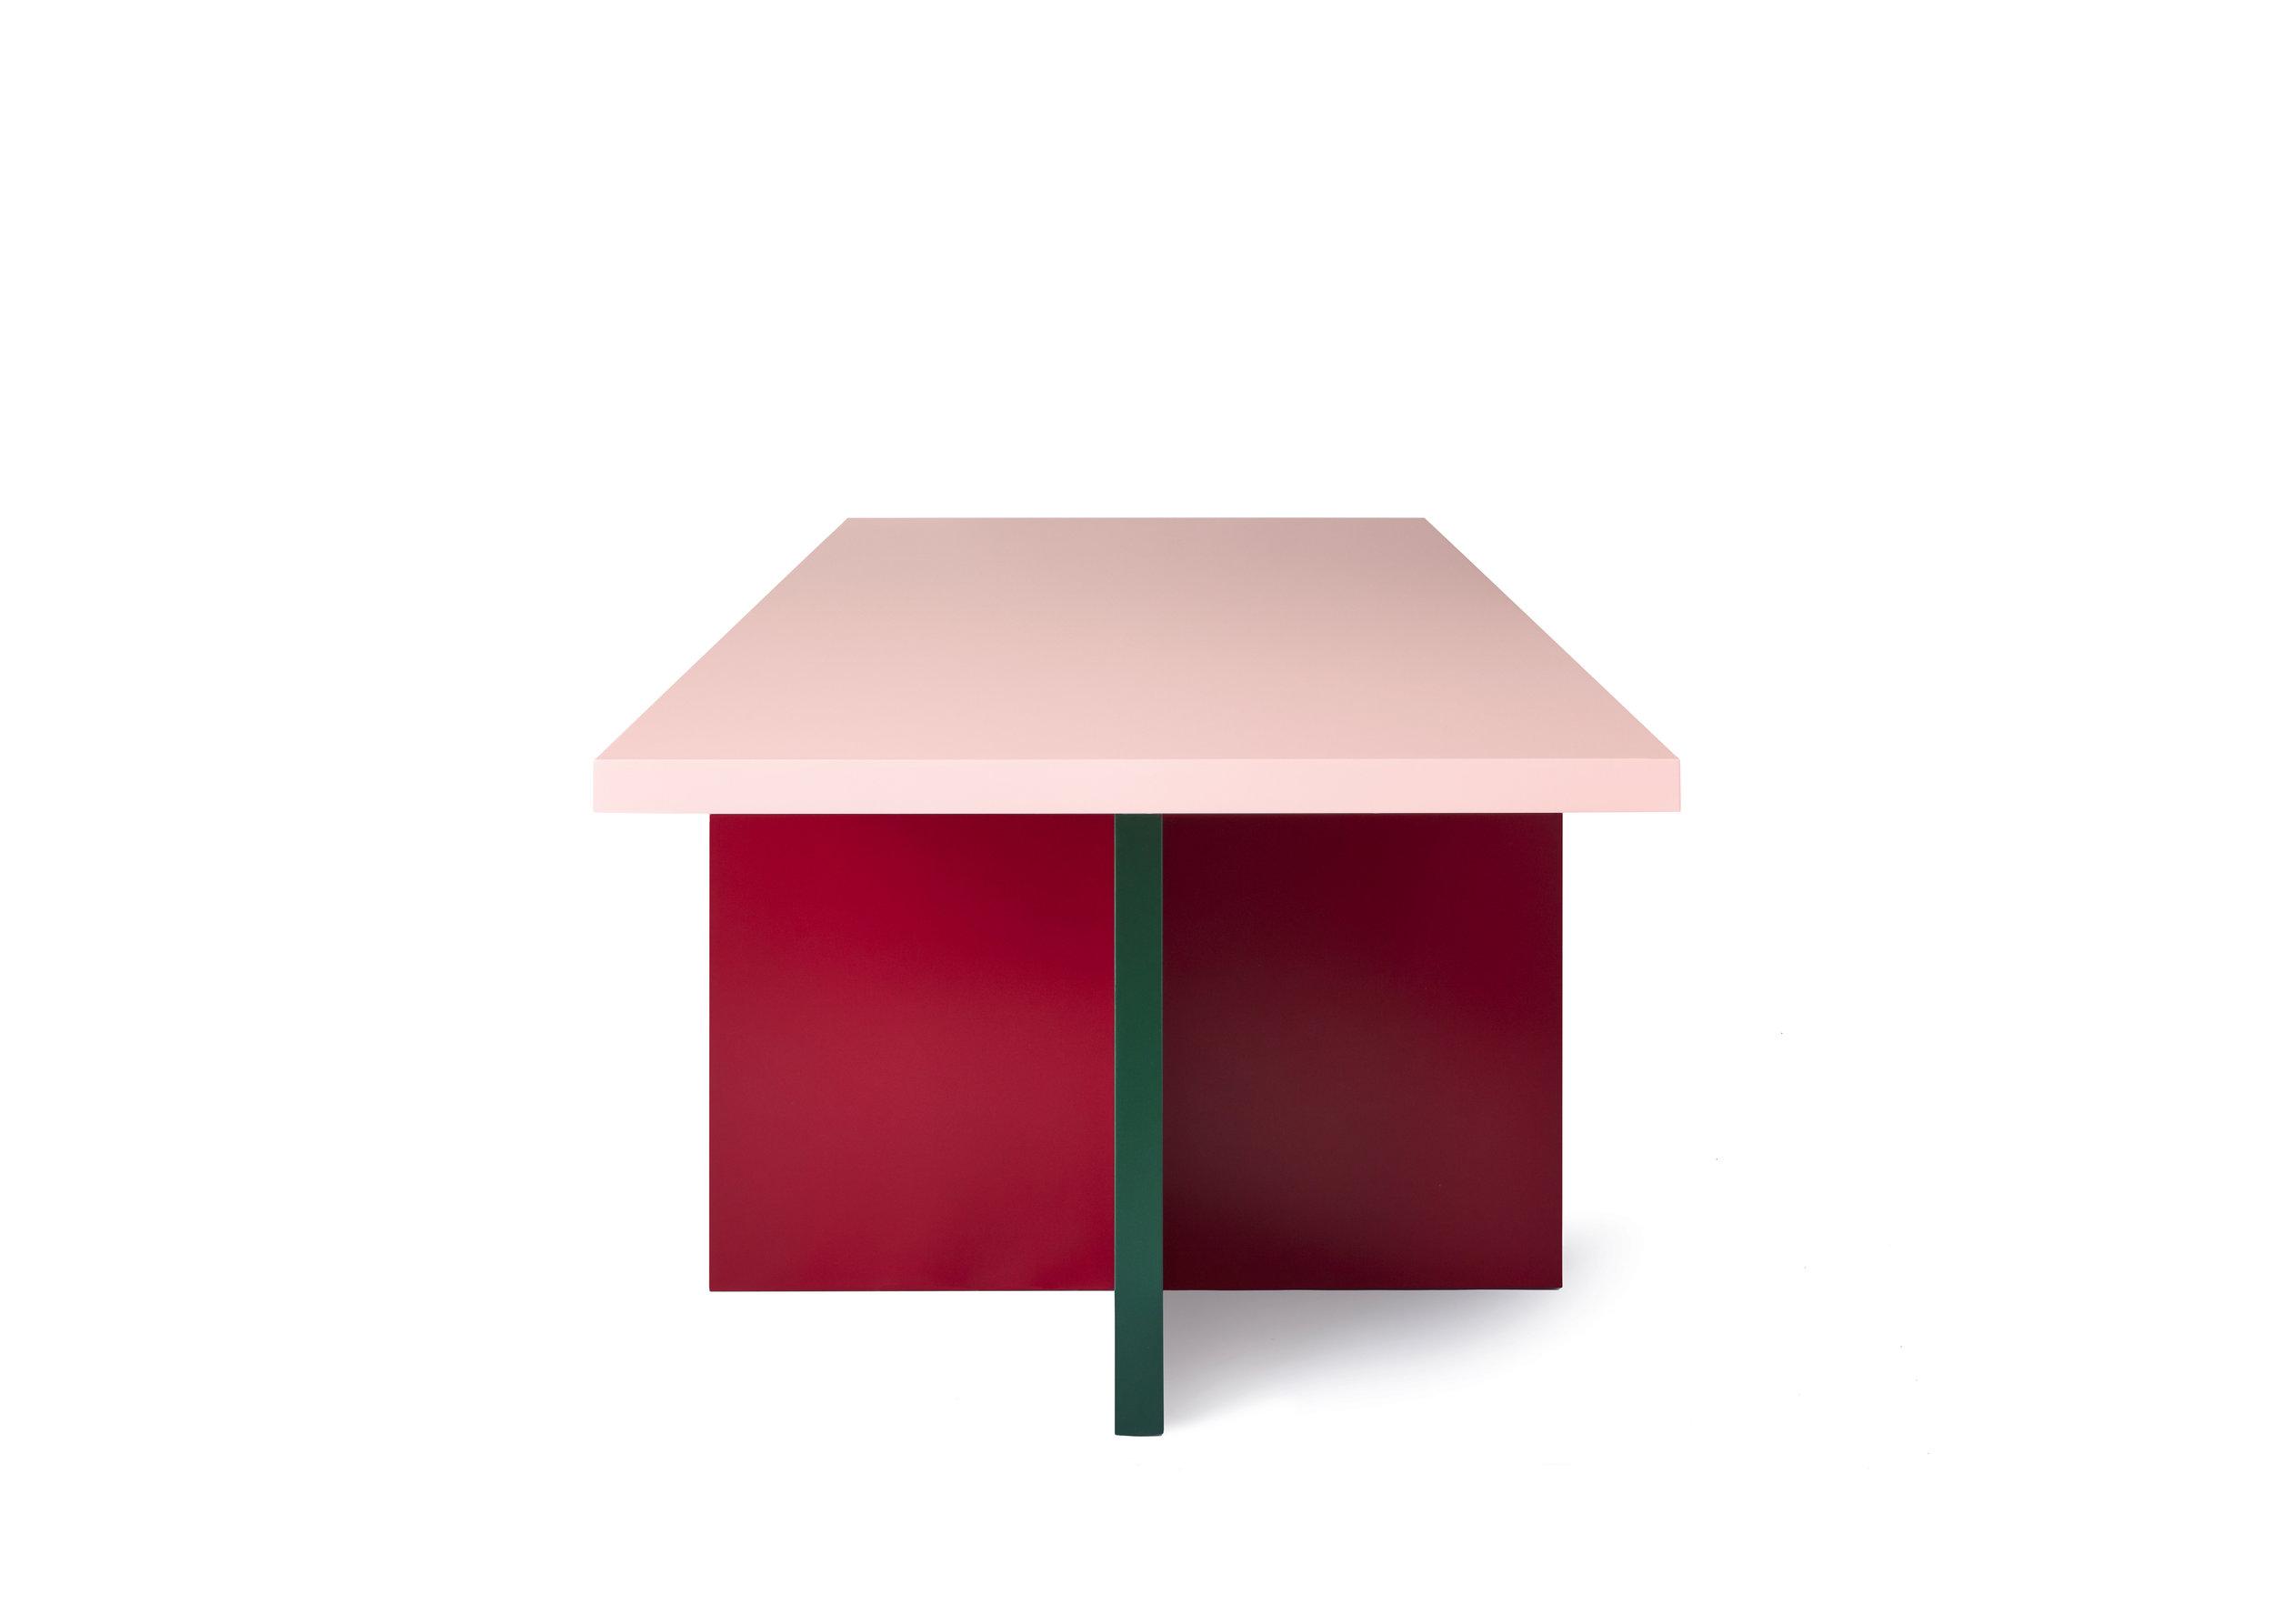 MODESTO table / Pic by Ragnar Schmu